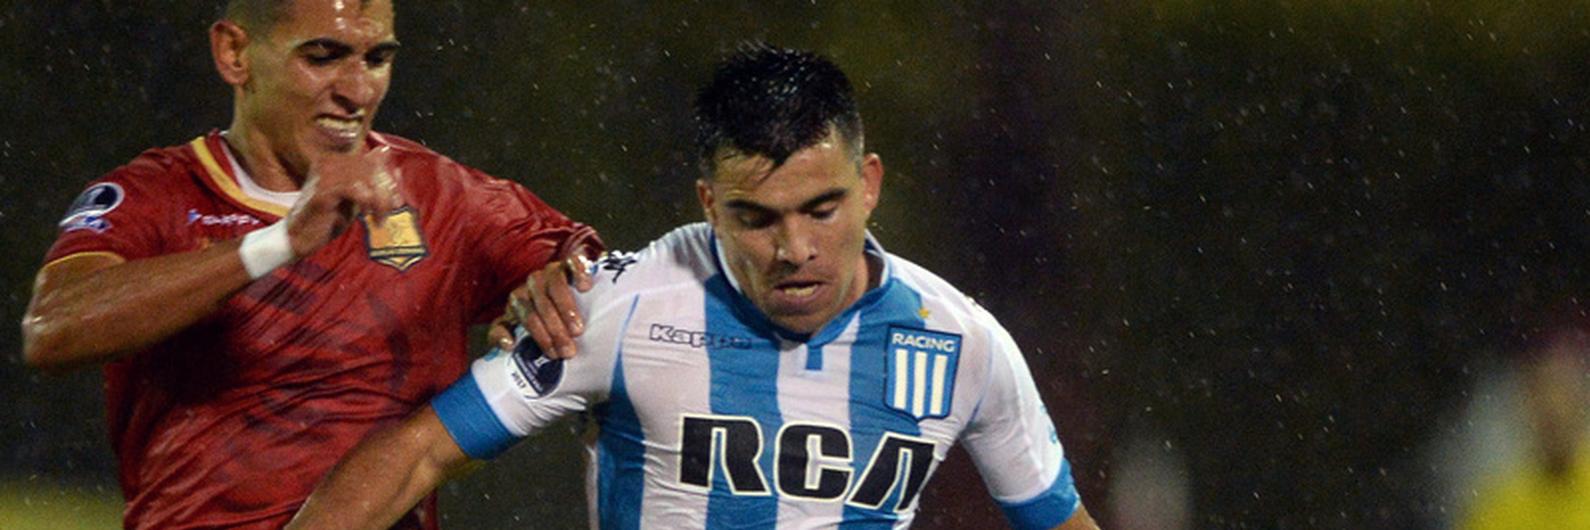 É oficial: Acuña assina por quatro anos com o Sporting num negócio de 9,6 ME